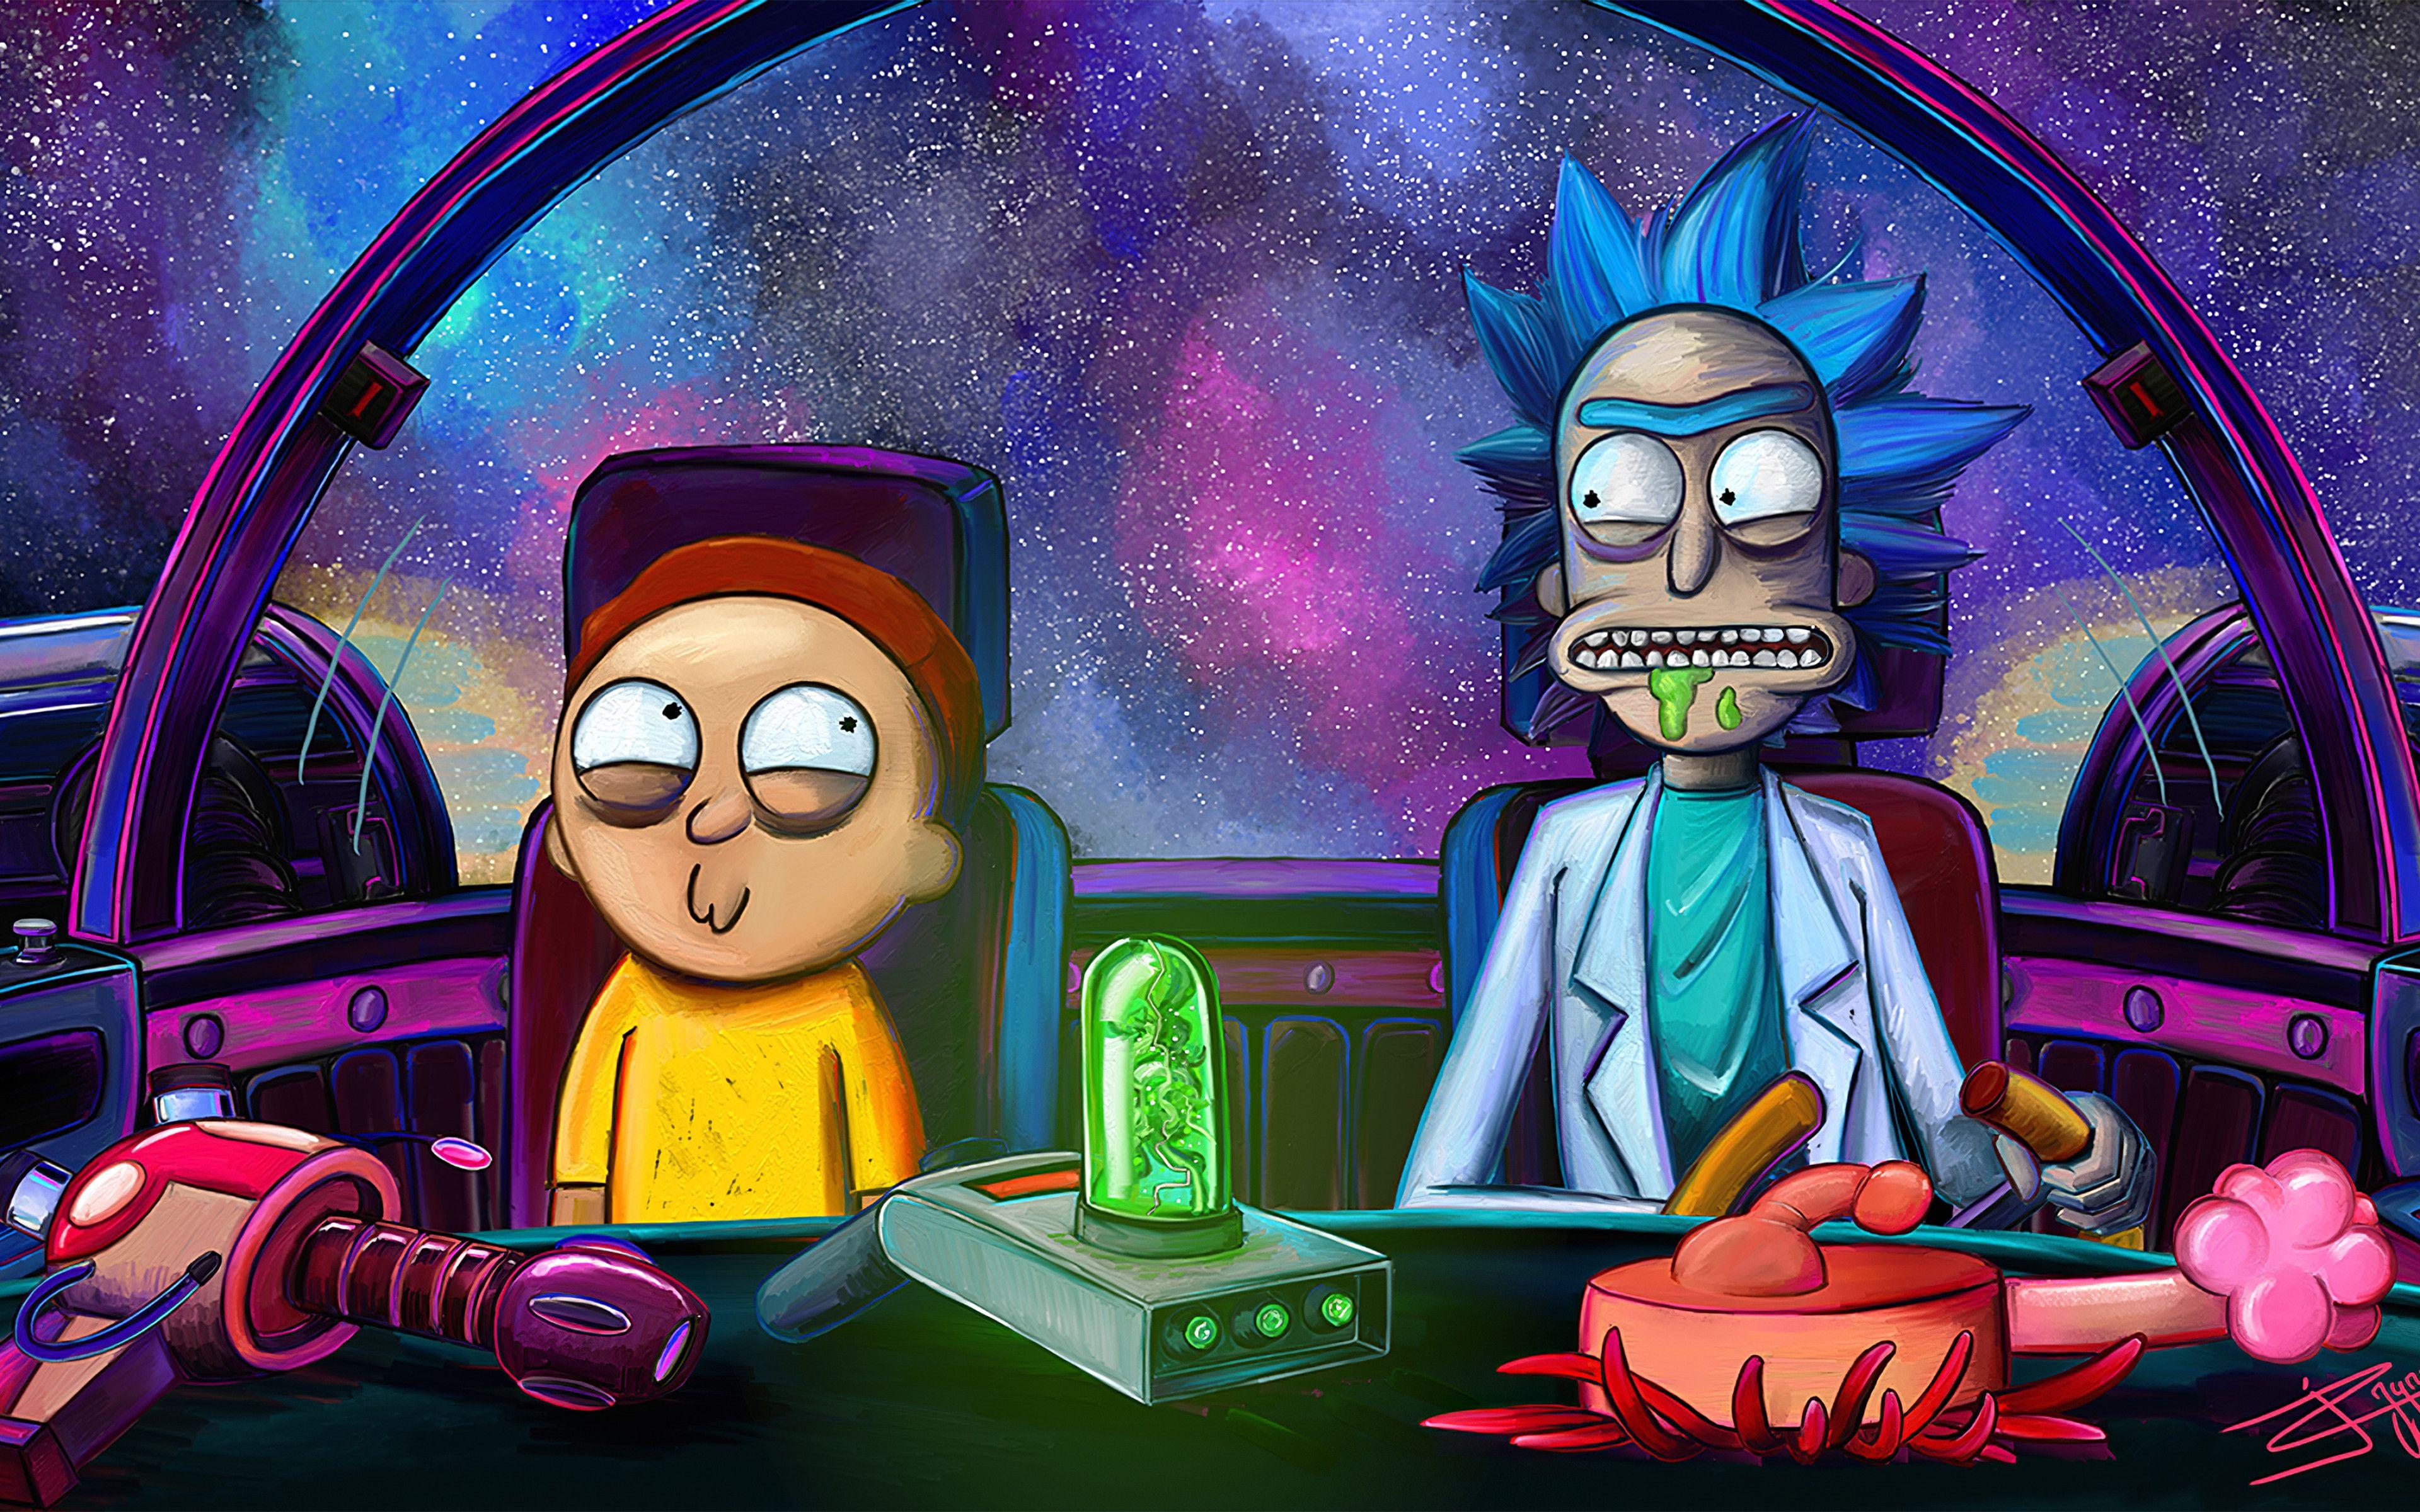 Rick And Morty En Nave Fondo De Pantalla 4k Ultra Hd Id 4518 En 2020 Fondo De Pantalla De Anime Fondo De Pantalla Animado Personajes De Rick Y Morty